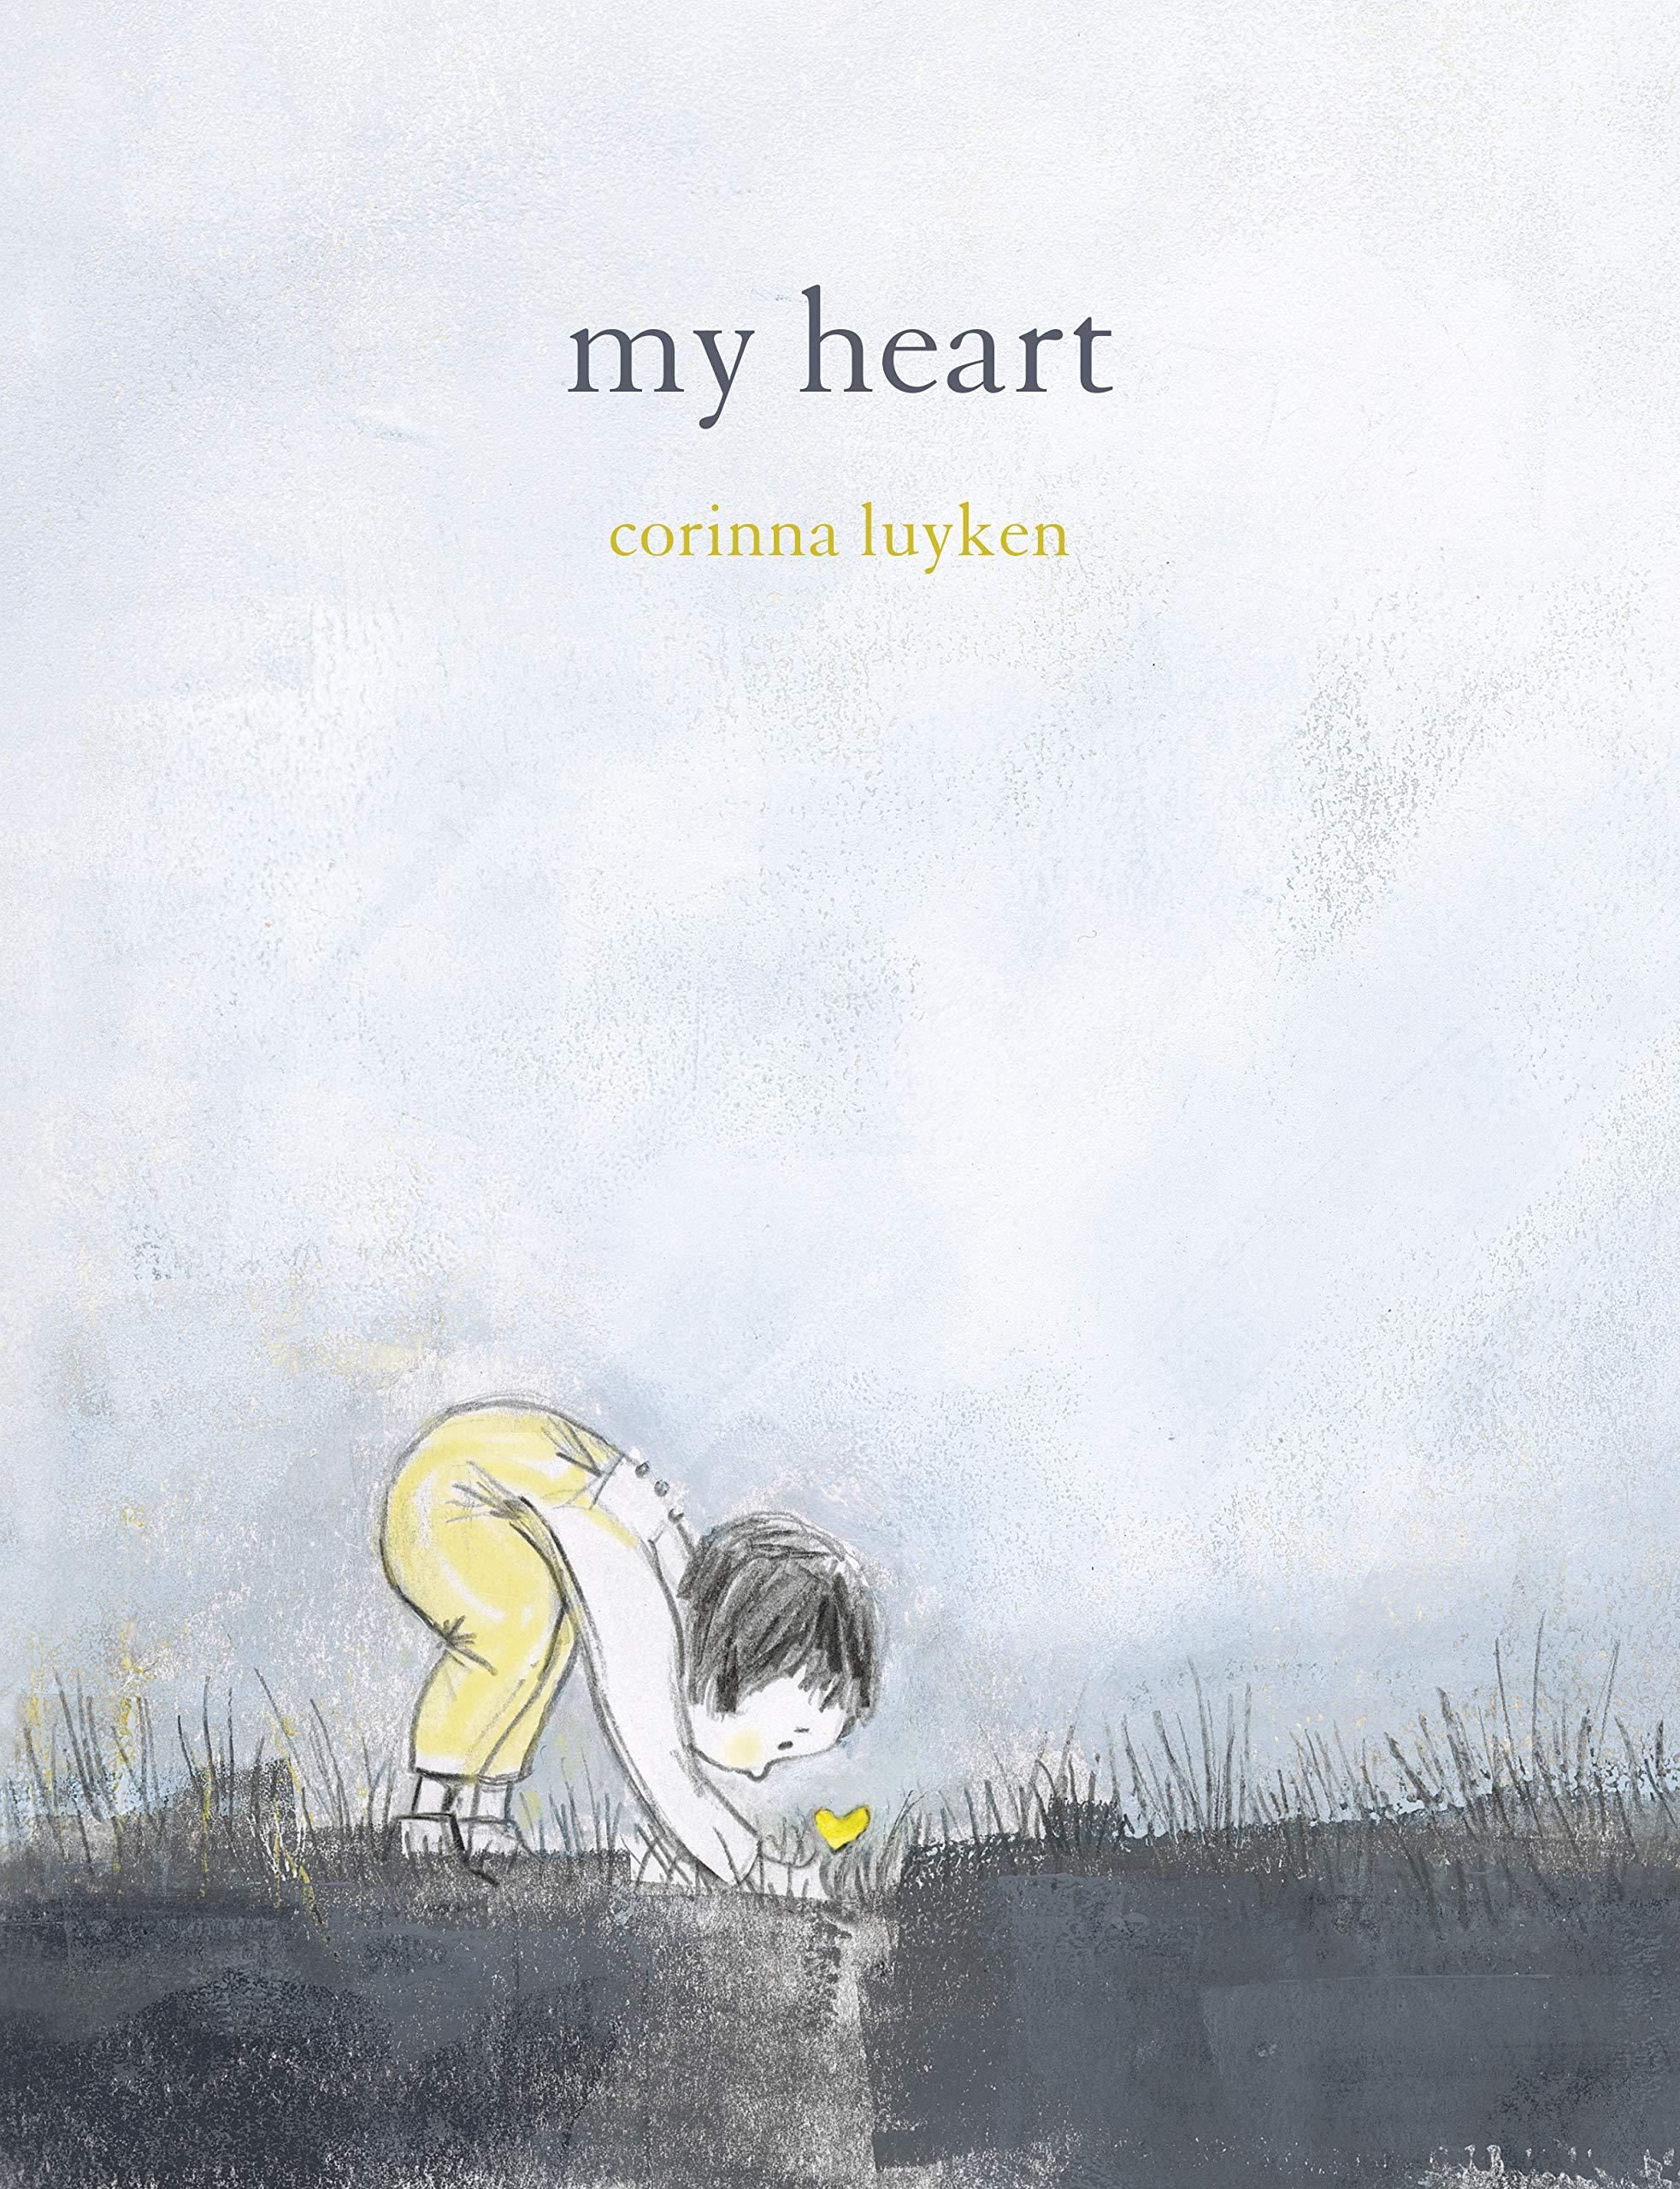 My Heart by Corinna Luyken